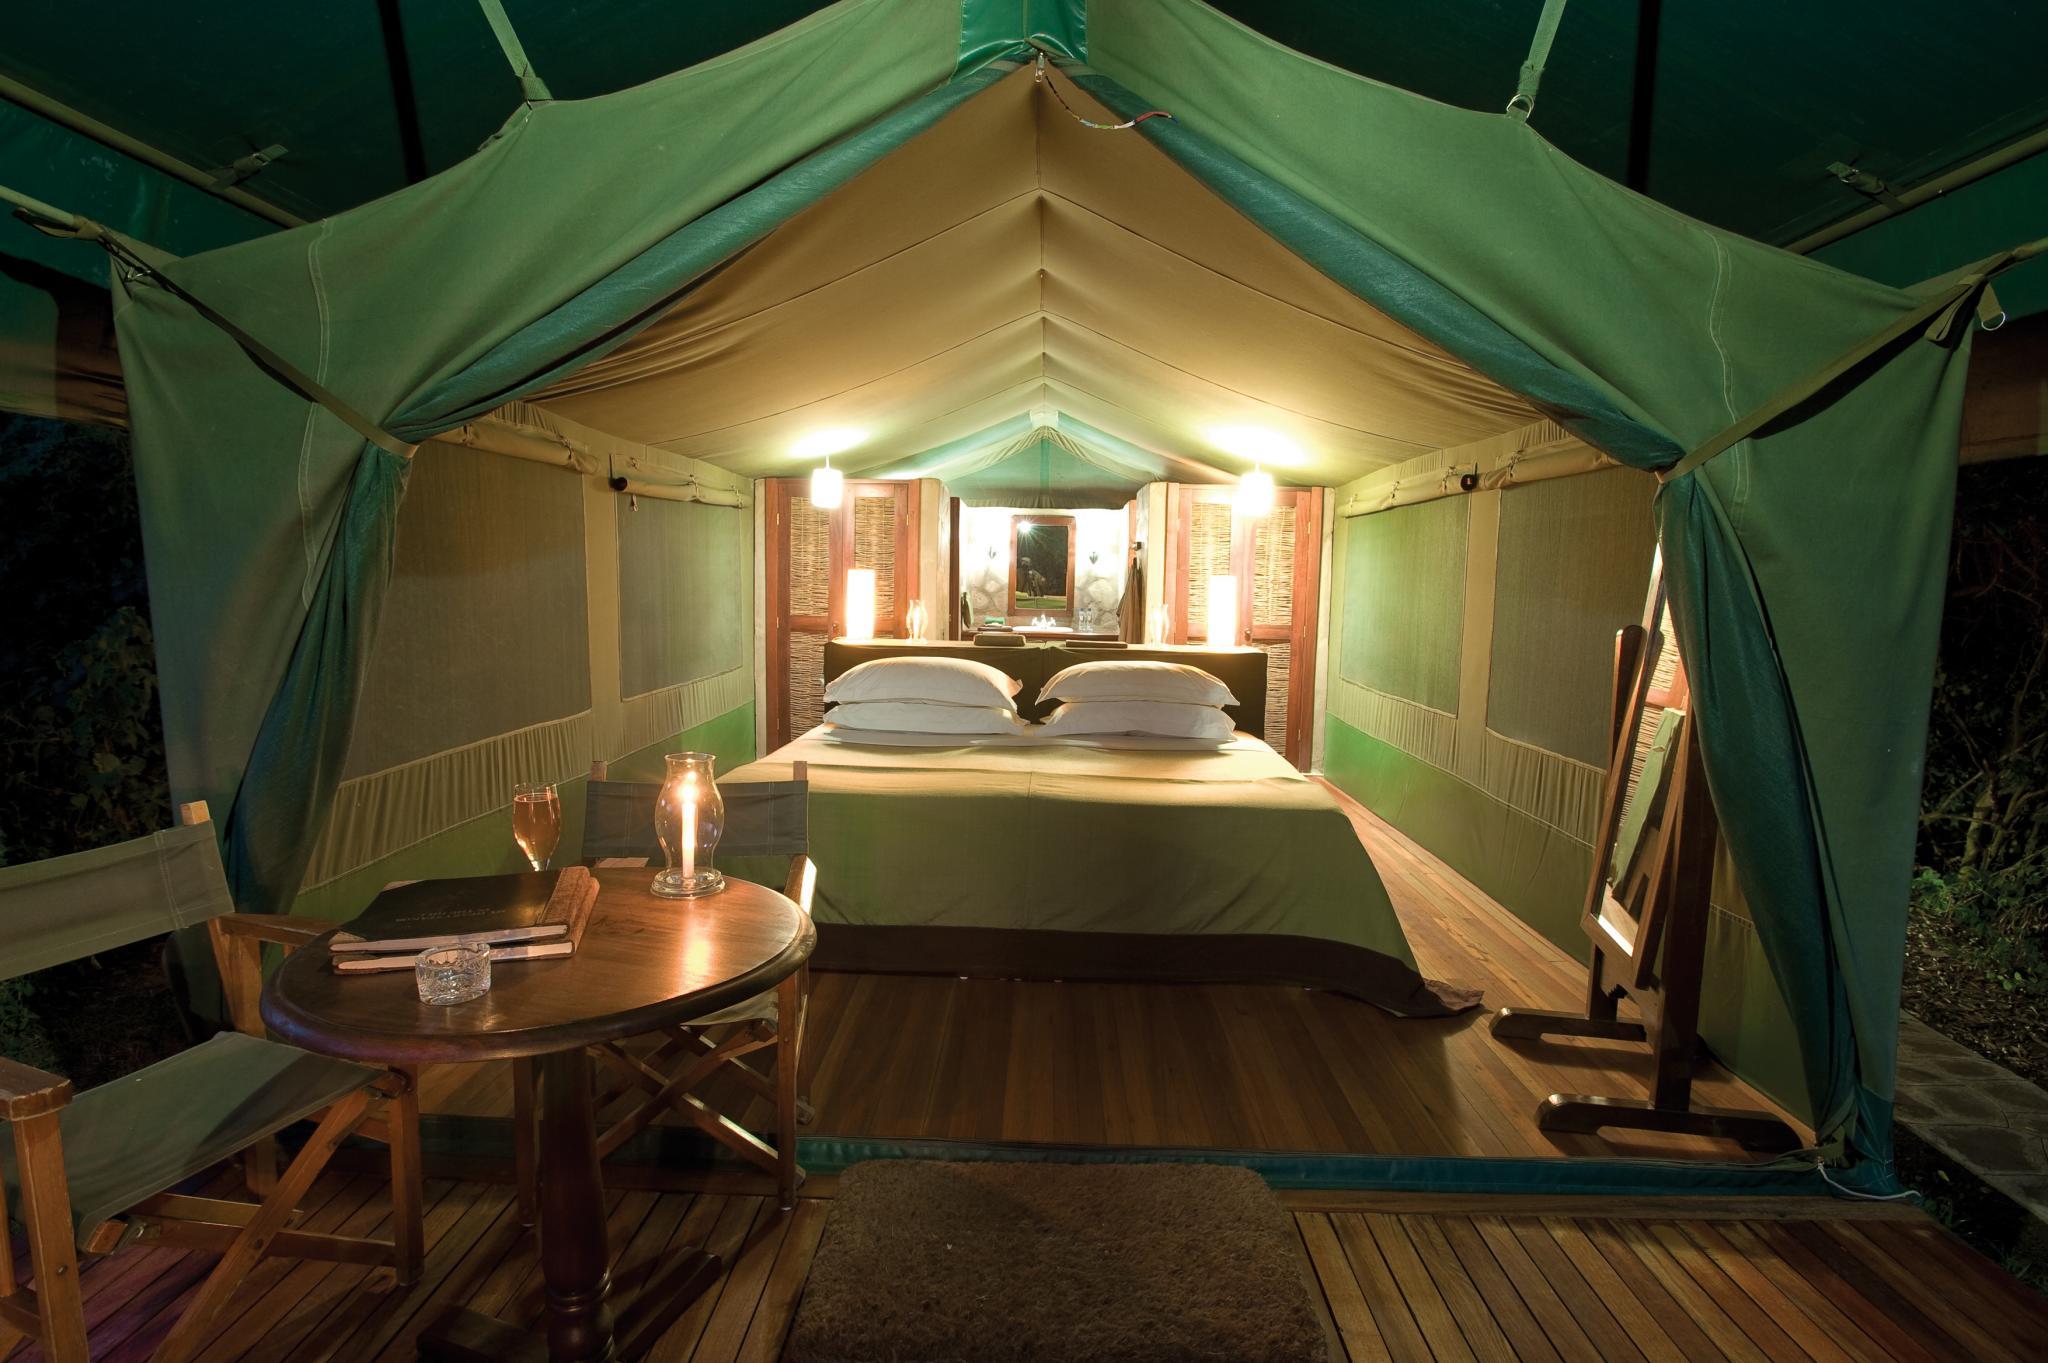 入住东非玛沙玛野生动物保护区克奇娃营地帐篷